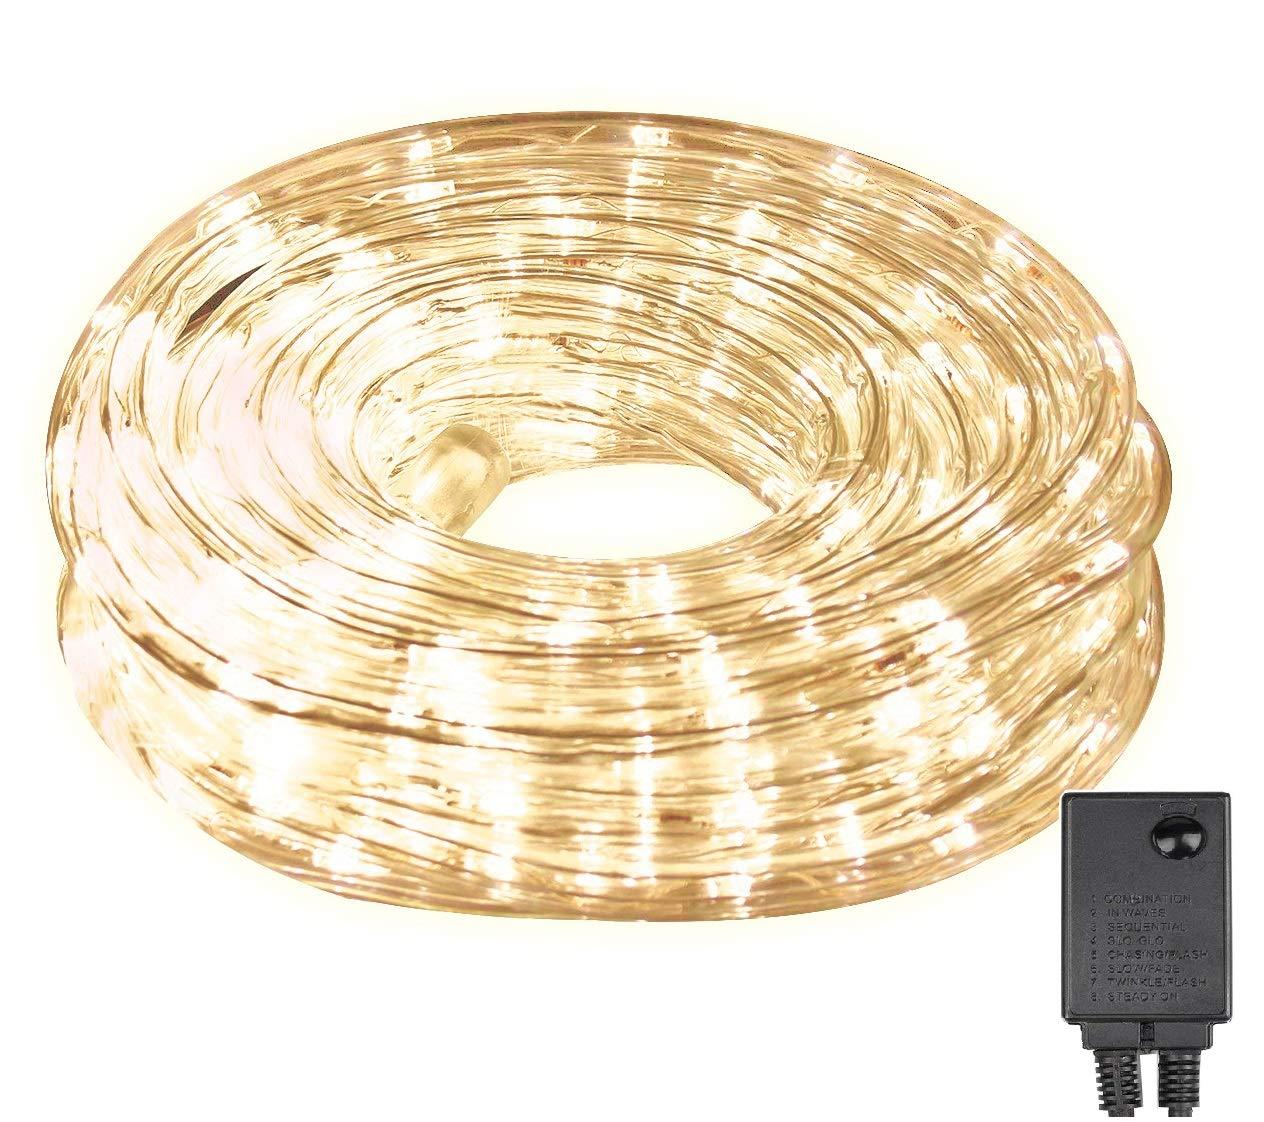 LED Lichterschlauch 10m 240er LED Lichter mit 8 Modi Innen und Außenbereich Lauflichter für Saal, Garten, Weihnachten, Hochzeit, Party - Warmweiß Lichtschläuche Salcar